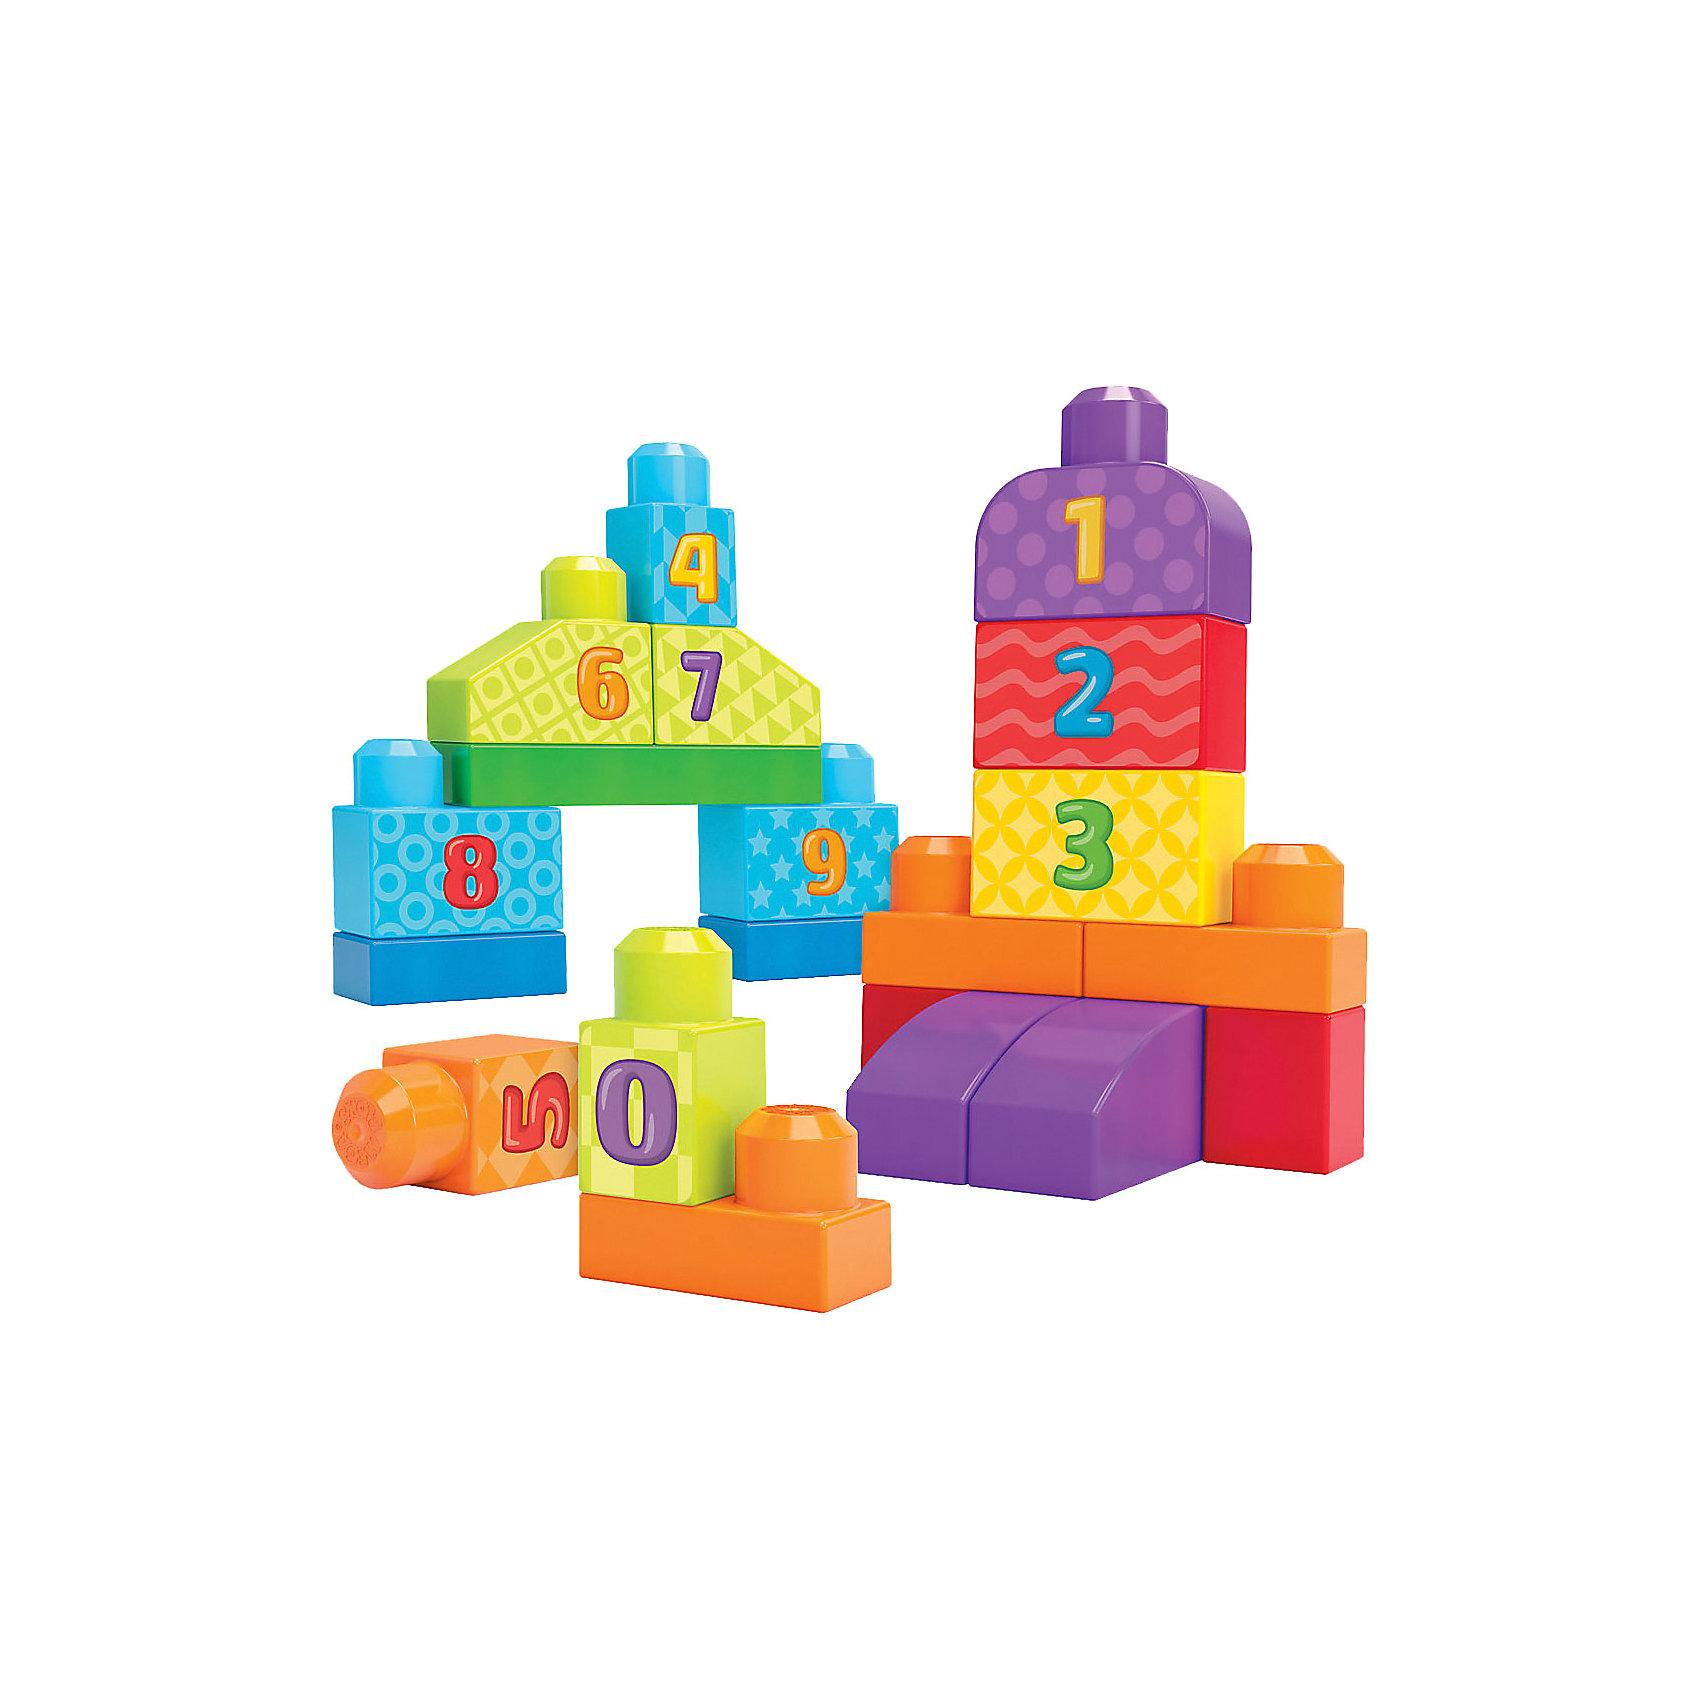 Конструктор желтый, MEGA BLOKS First BuildersПластмассовые конструкторы<br>Характеристики товара:<br><br>• возраст от 1 года;<br>• материал: пластик;<br>• в комплекте 20 деталей;<br>• размер упаковки 25,5х20,5х10 см;<br>• вес упаковки 430 гр.;<br>• страна производитель: Китай.<br><br>Конструктор желтый Mega Bloks First Builders позволит малышам построить из деталей башни, дома, машинки, животных. Каждая деталь достаточно крупная и удобная для маленьких детских ручек. Собирая конструктор, малыш выучит цифры до 10 и простые основы счета, так как детали пронумерованы. Такое увлекательное занятие, как сборка конструктора, способствует развитию мелкой моторики рук, логического мышления, внимательности и усидчивости. Хранить дома детали можно в специальной пластиковой сумочке, чтобы не потерять их. Все элементы изготовлены из качественного безопасного пластика.<br><br>Конструктор желтый Mega Bloks First Builders можно приобрести в нашем интернет-магазине.<br><br>Ширина мм: 265<br>Глубина мм: 210<br>Высота мм: 106<br>Вес г: 339<br>Возраст от месяцев: 12<br>Возраст до месяцев: 36<br>Пол: Унисекс<br>Возраст: Детский<br>SKU: 4592664